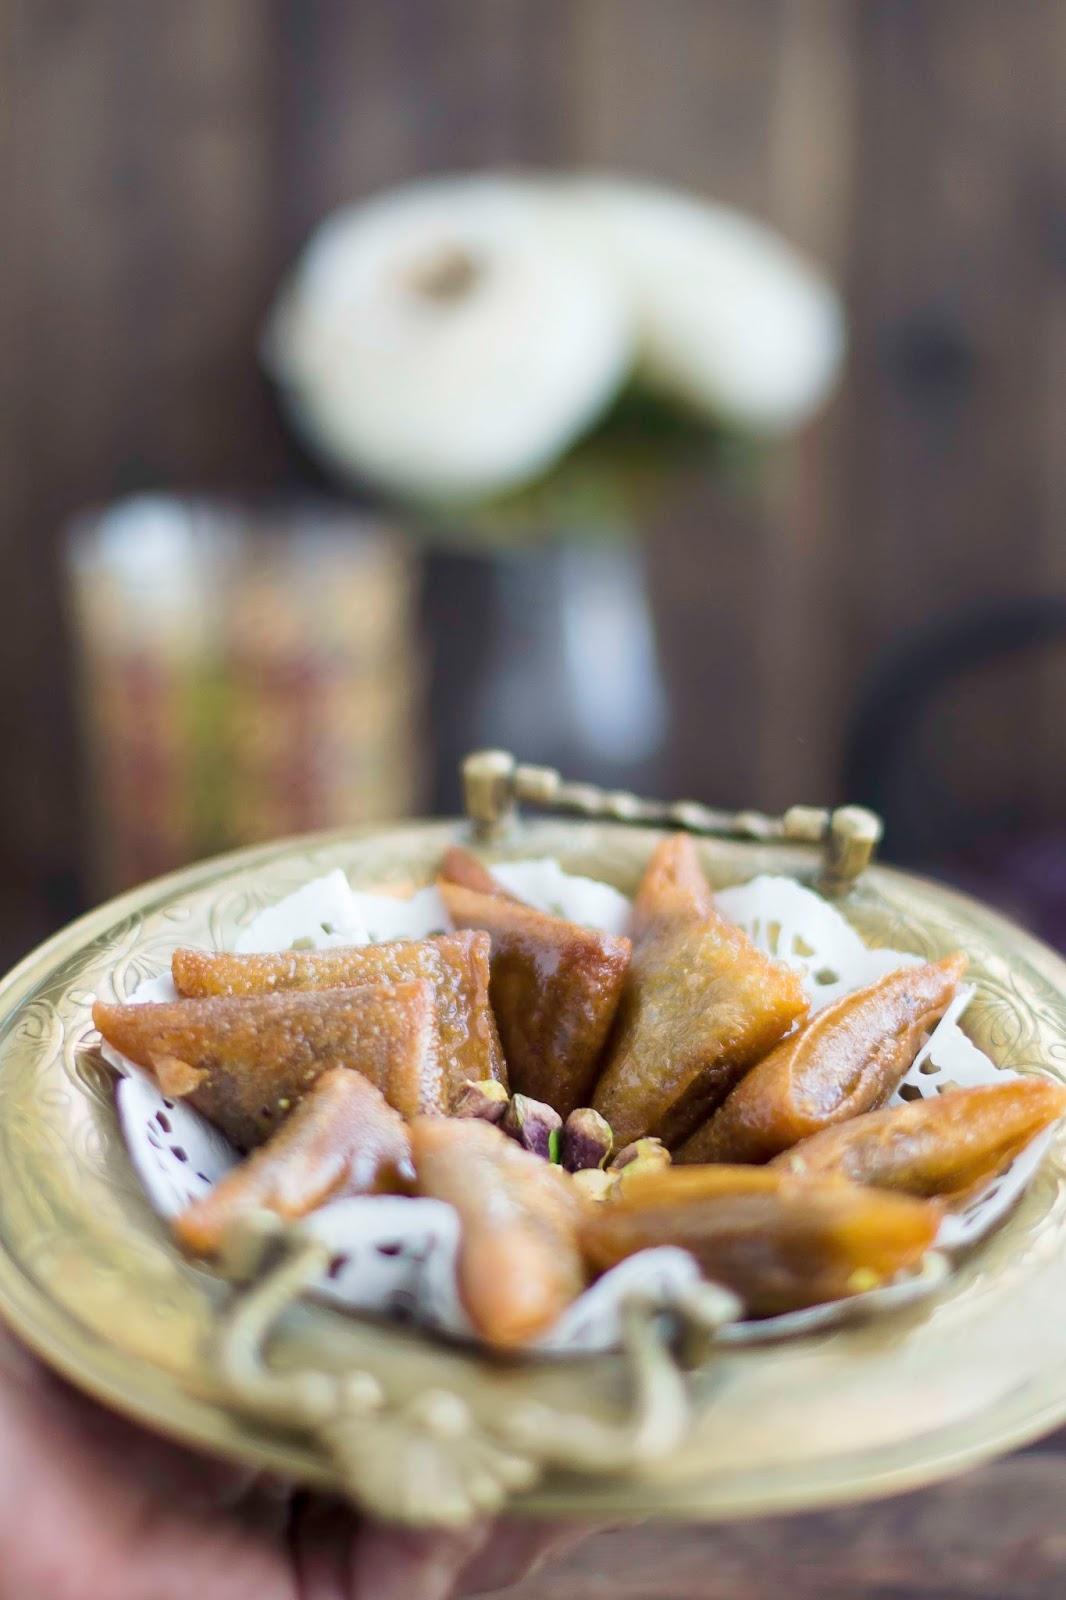 Briouats de almendra y miel